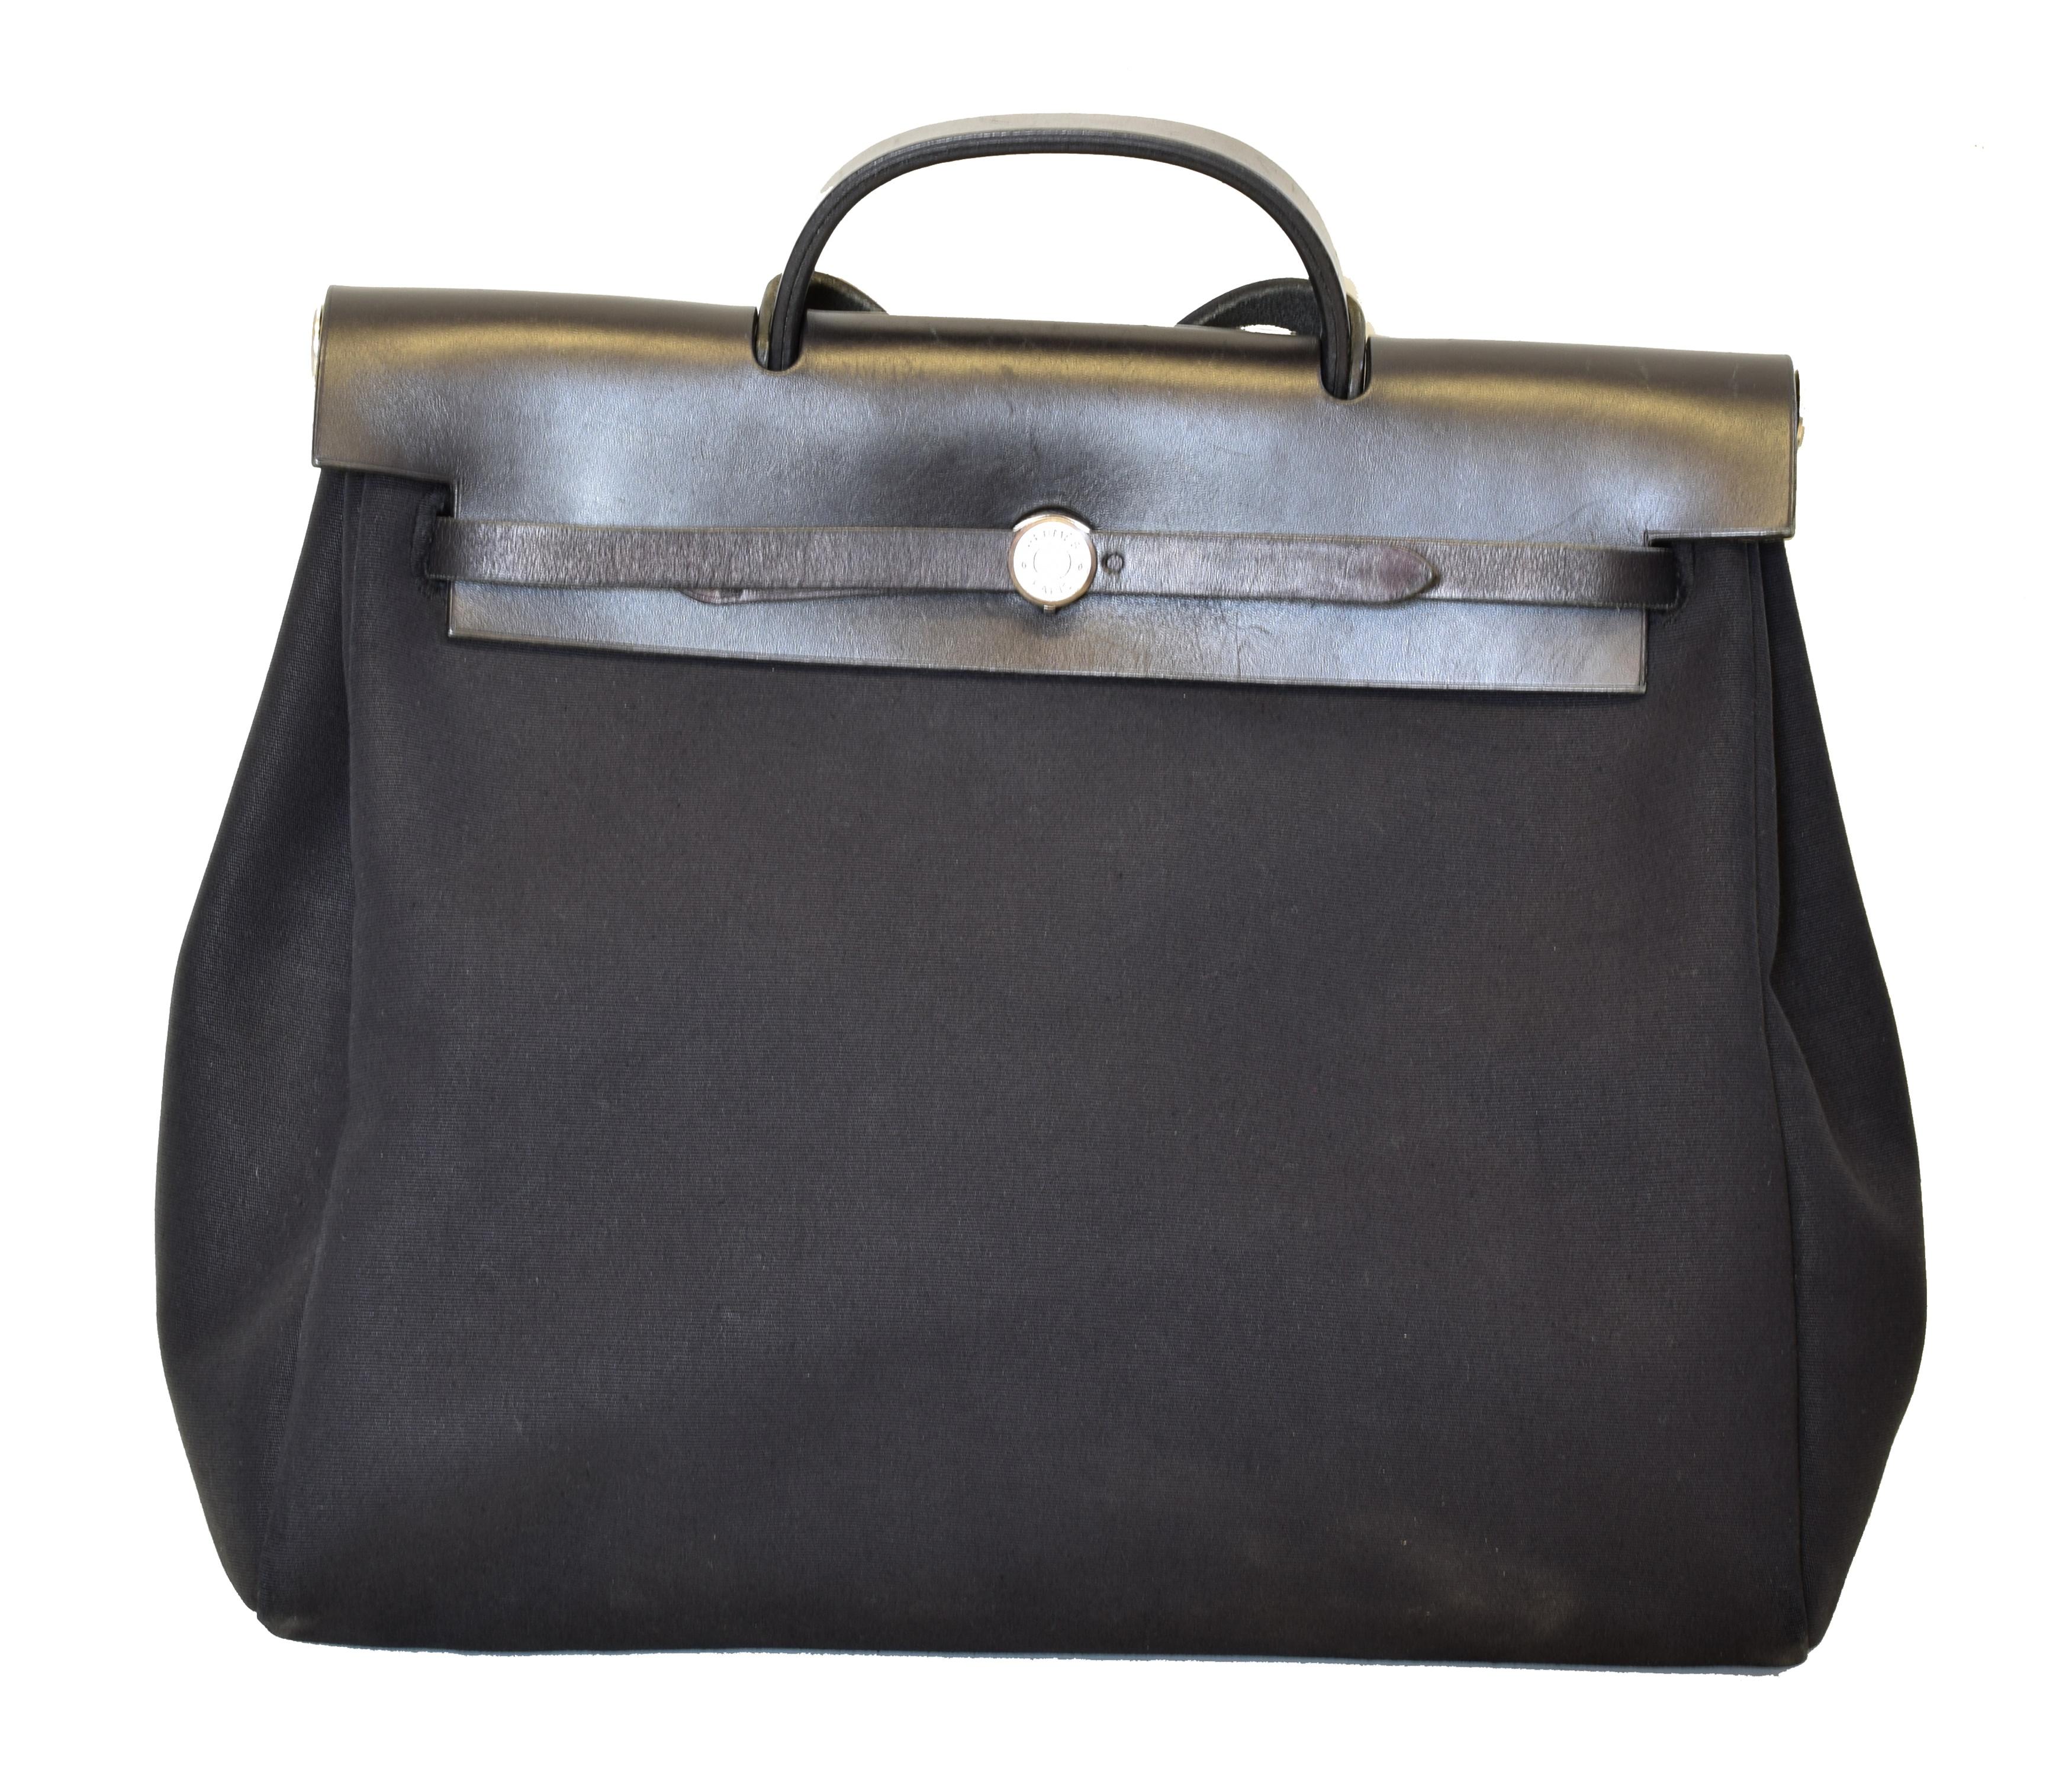 A Hermes 2-in-1 Herbag Cabas MM Handbag, - Image 2 of 2